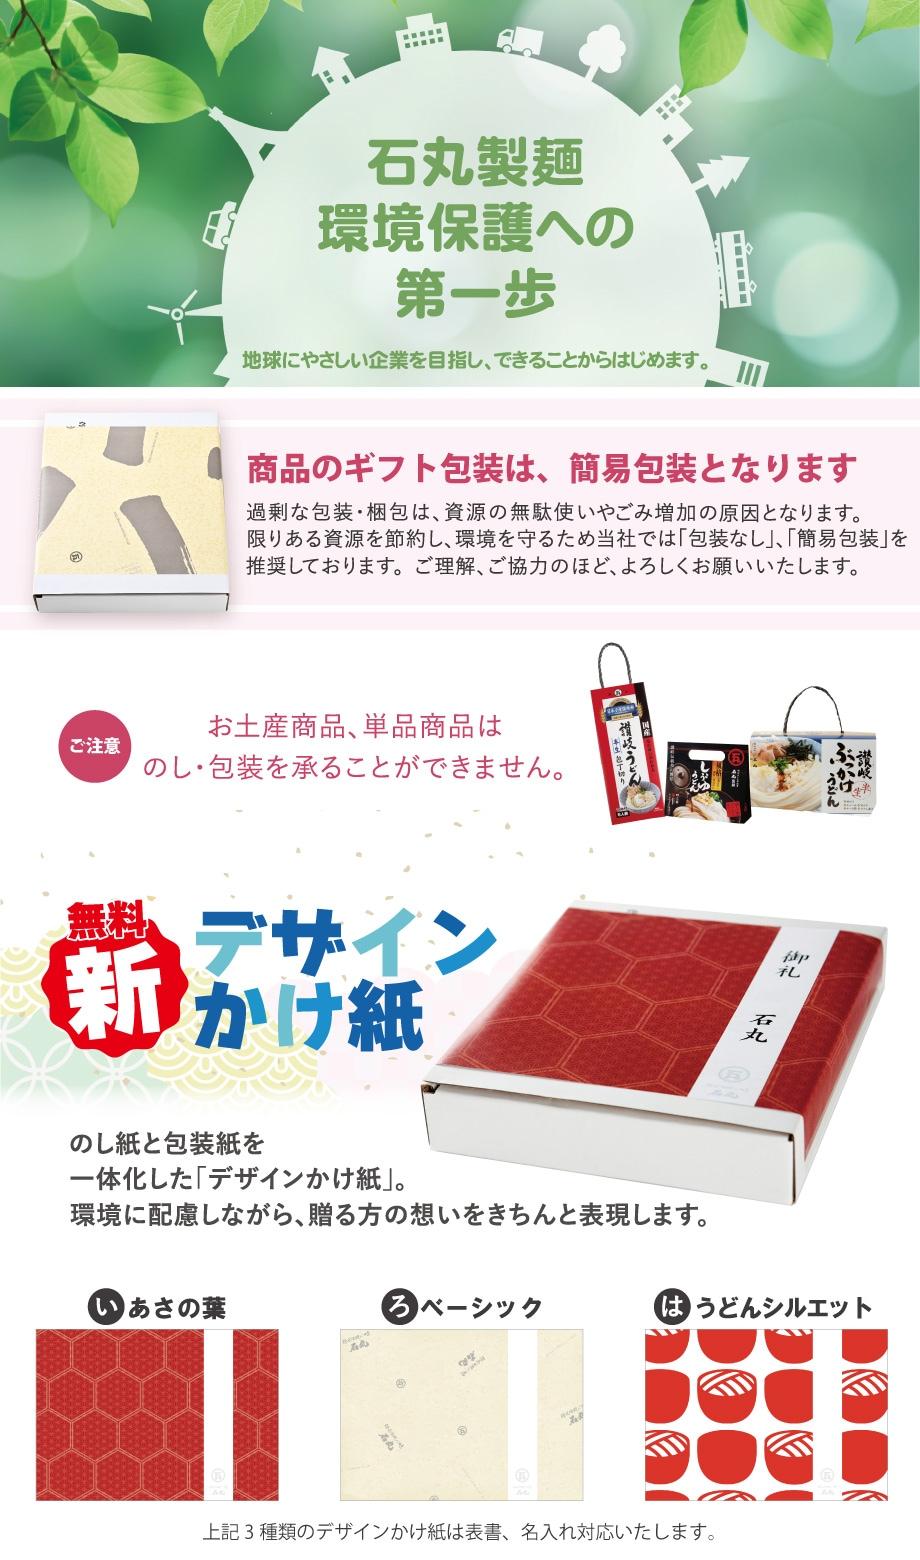 石丸製麺、環境保護への第一歩・デザインかけ紙